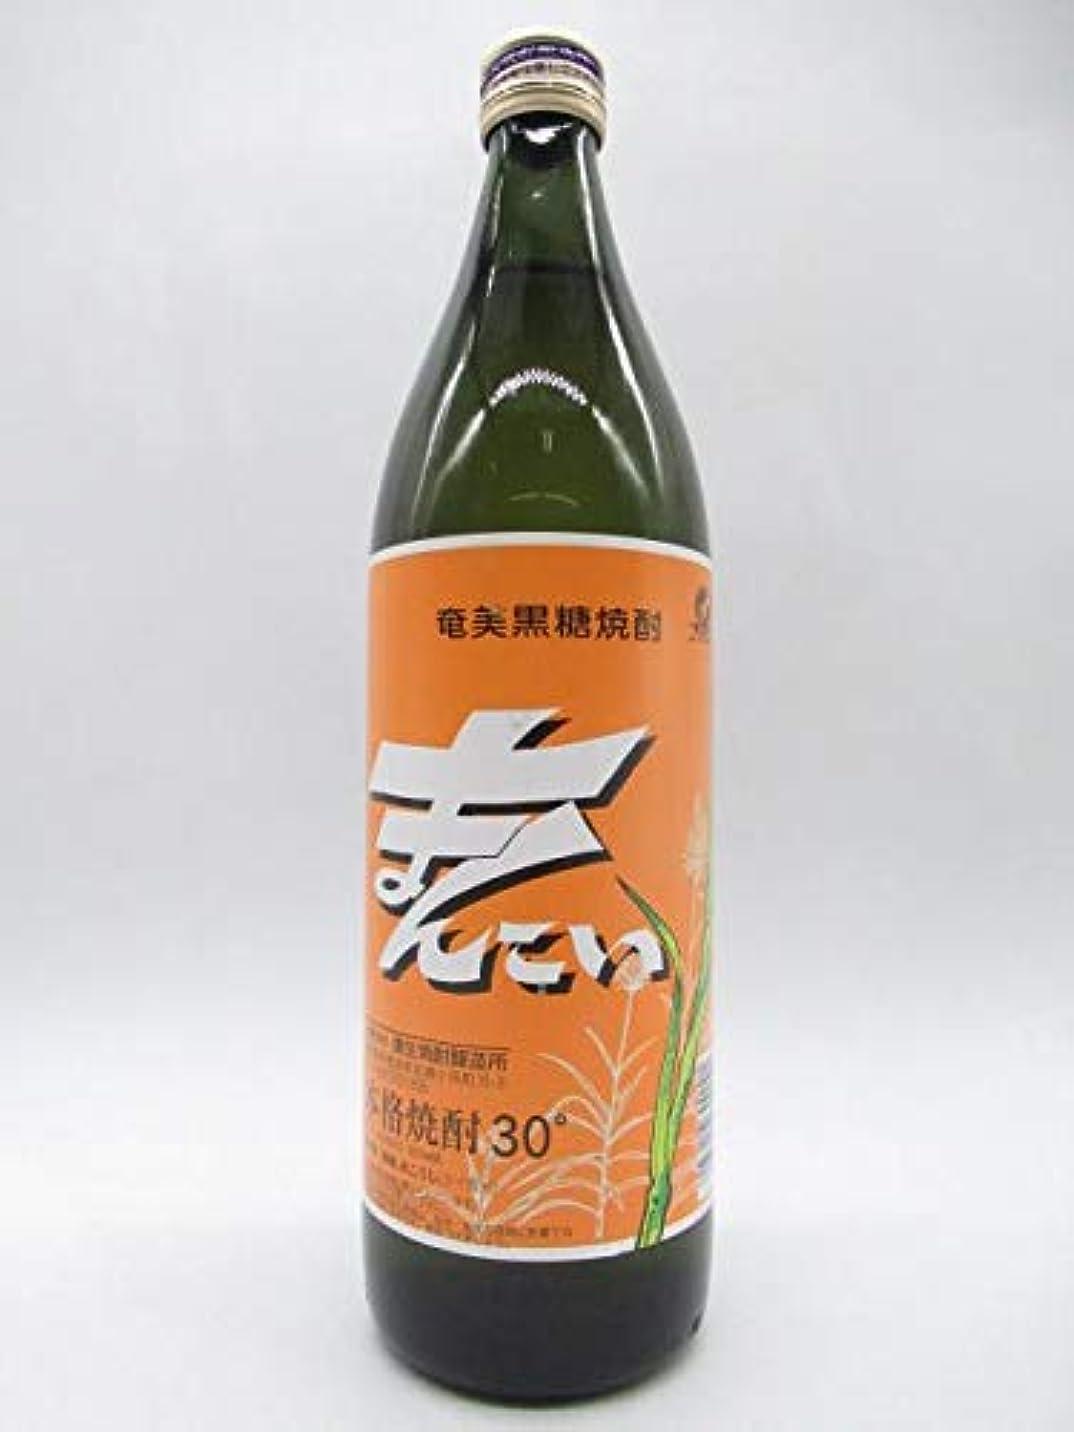 彼自身王族未接続弥生焼酎醸造所 まんこい (満恋) 黒糖焼酎 30度 900ml